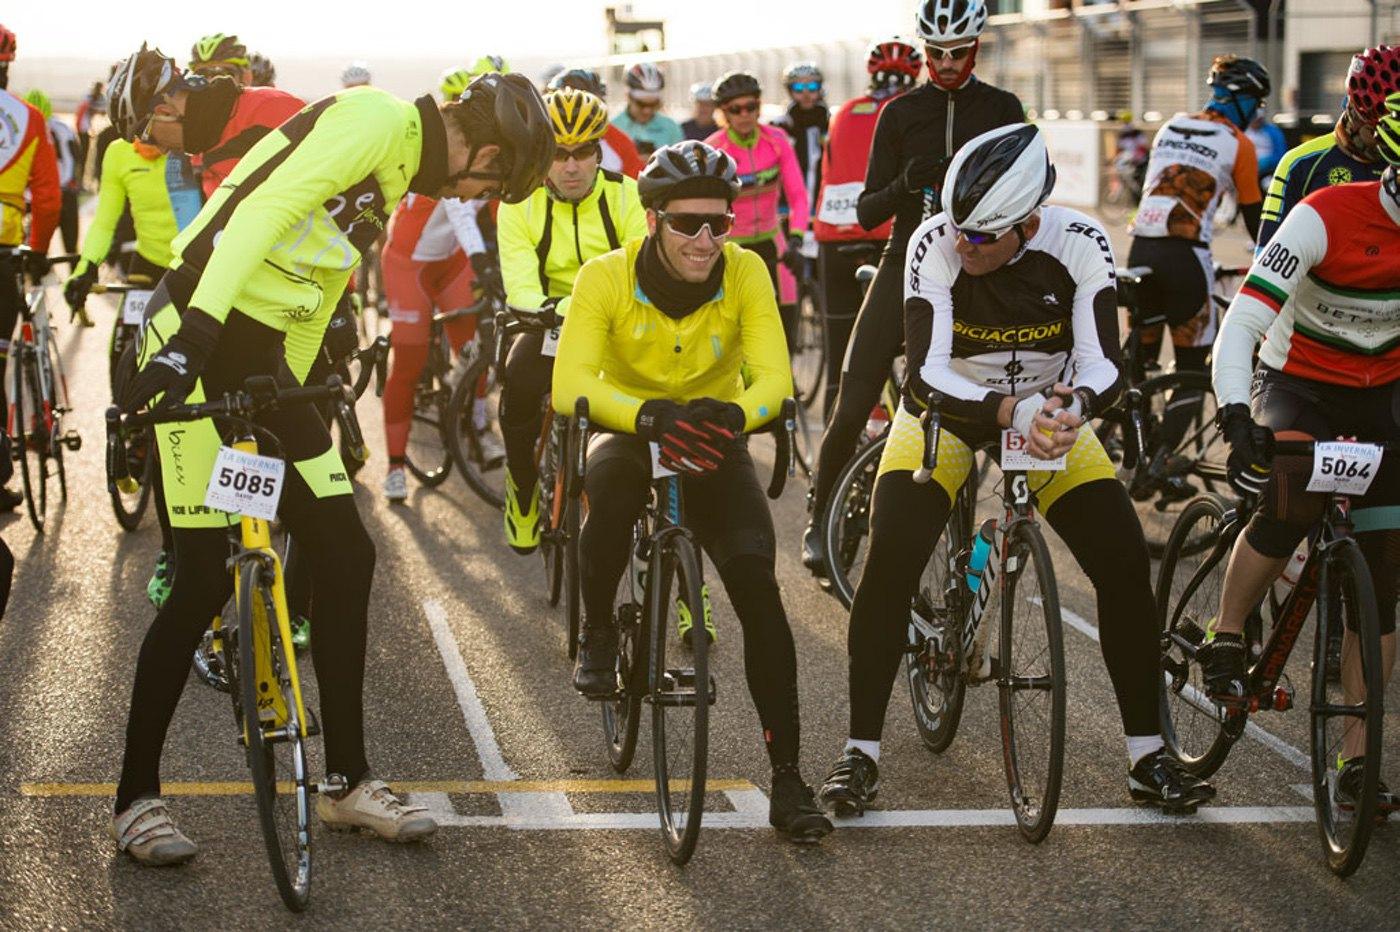 Ciclismo y deporte solidario en la Octava edición de La Invernal de Motorland